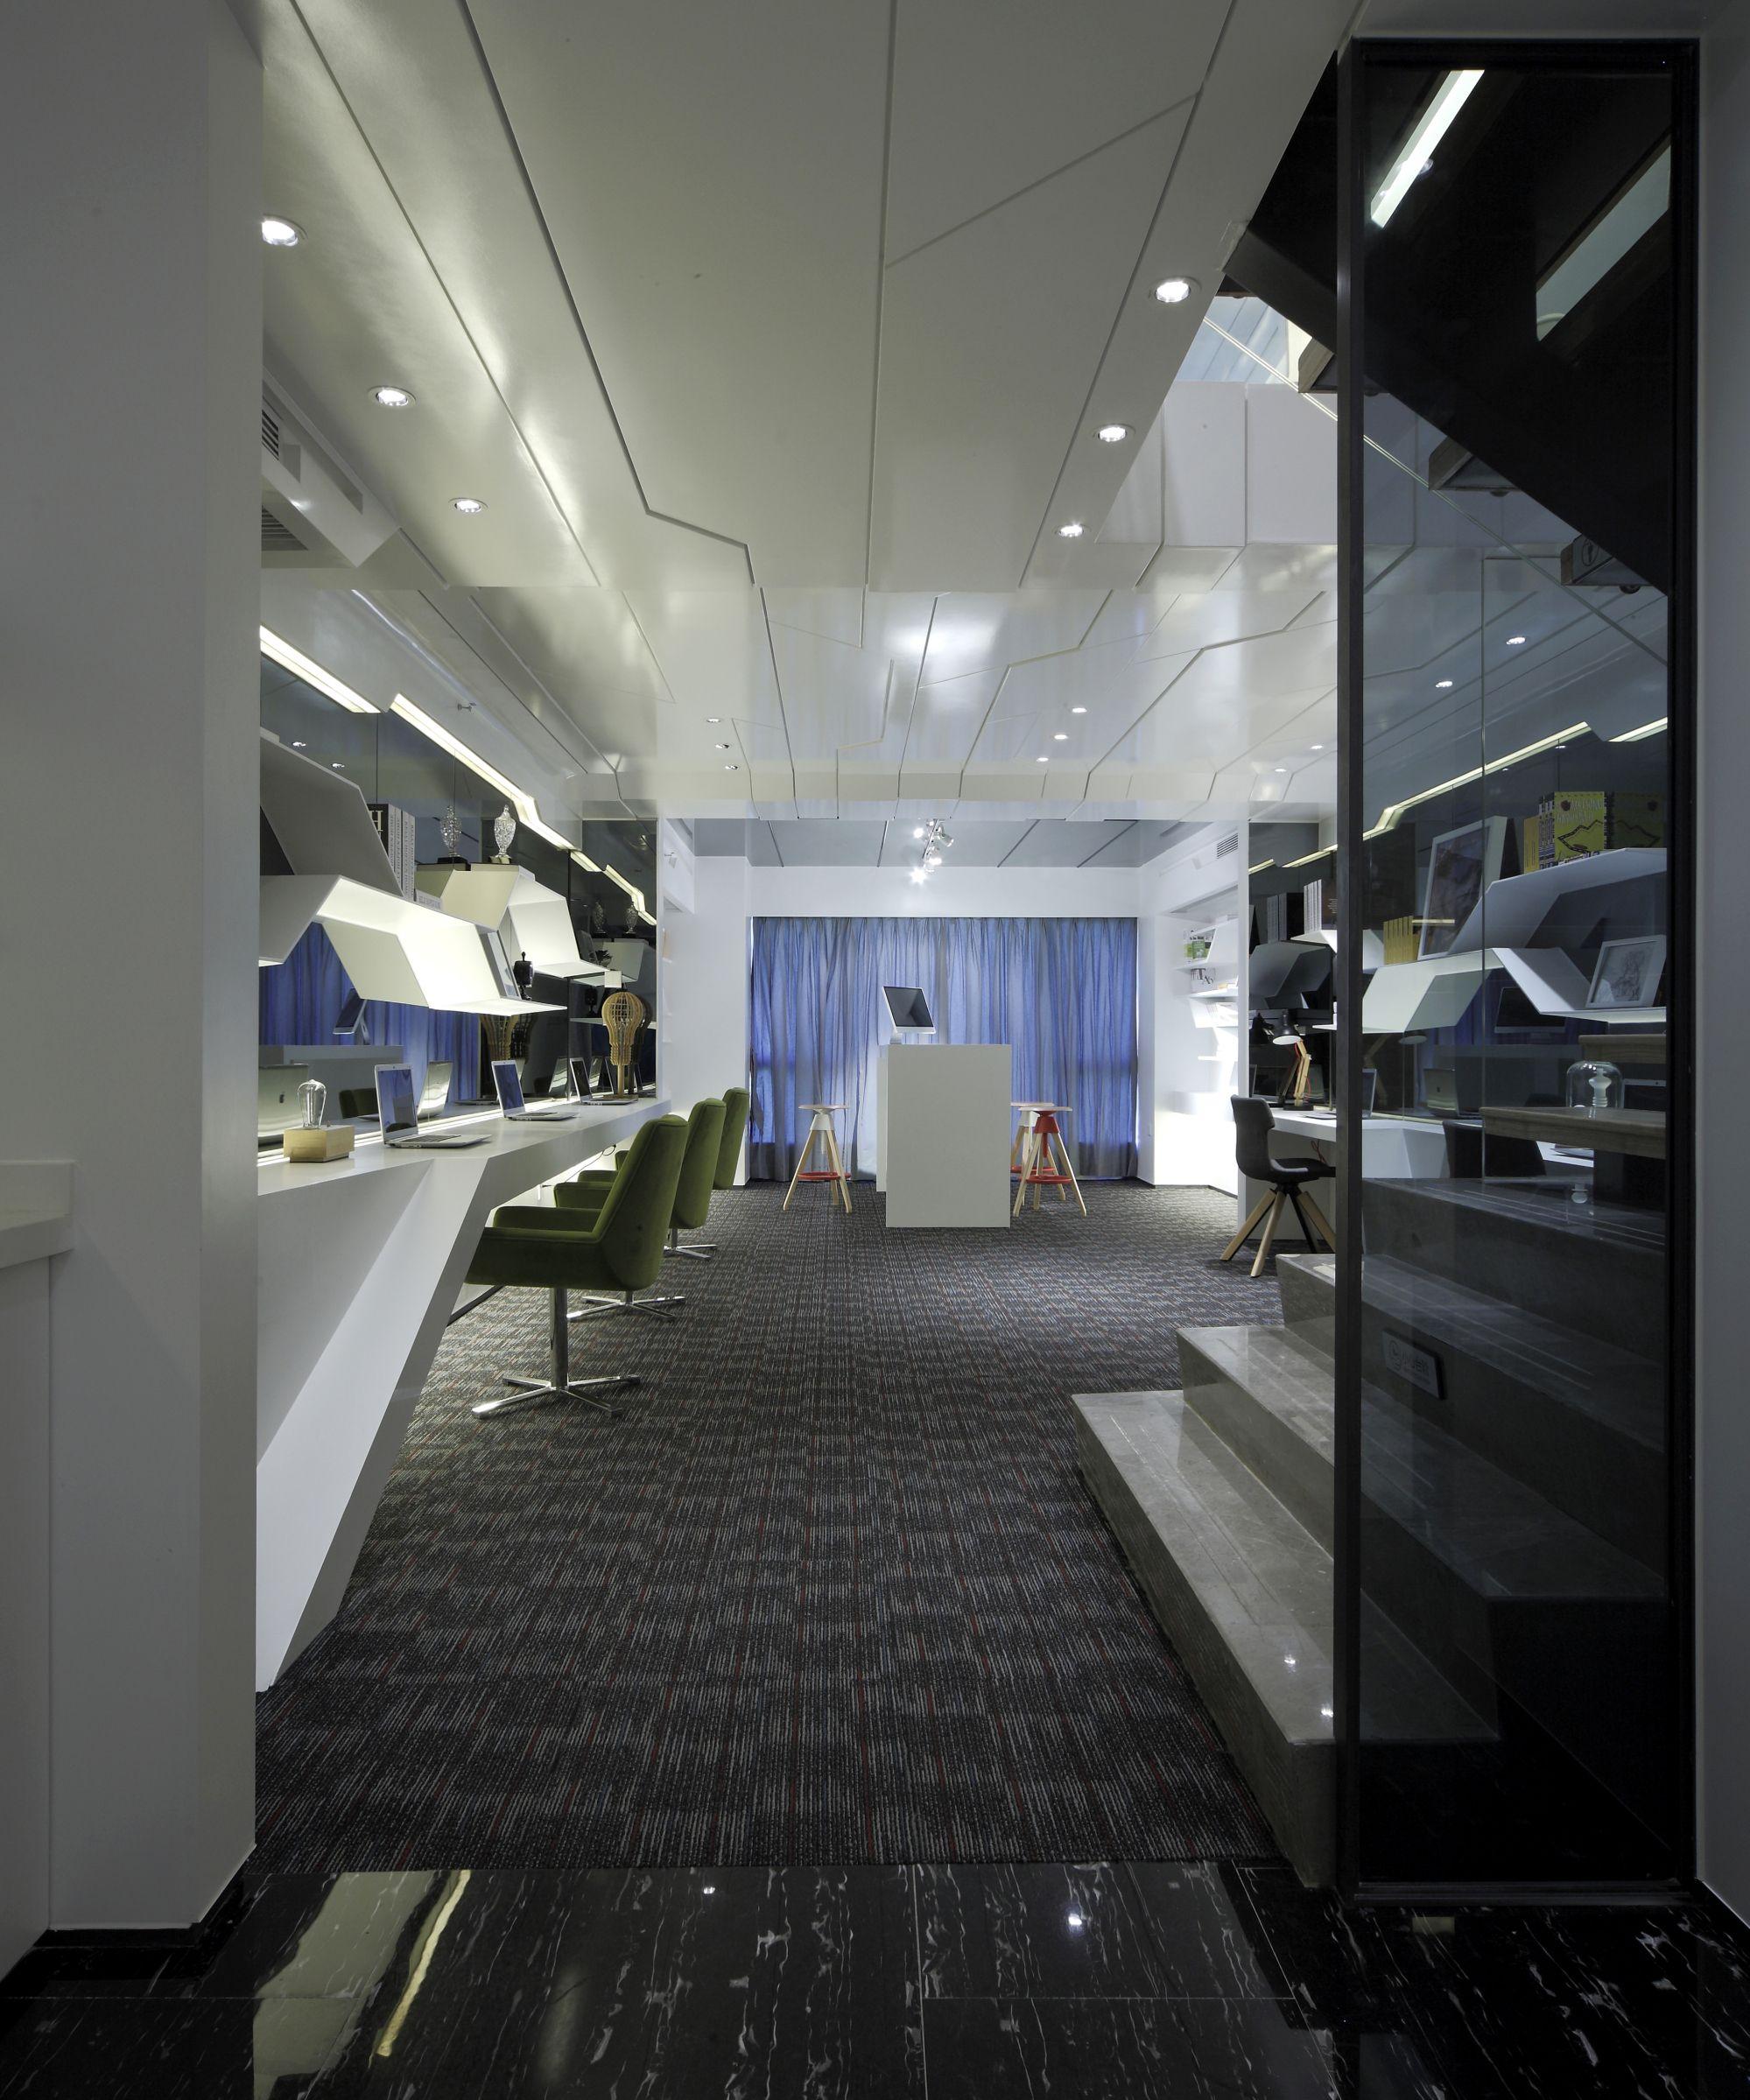 建发中央湾soho办公 - 公寓设计 - 刘家耀设计作品案例